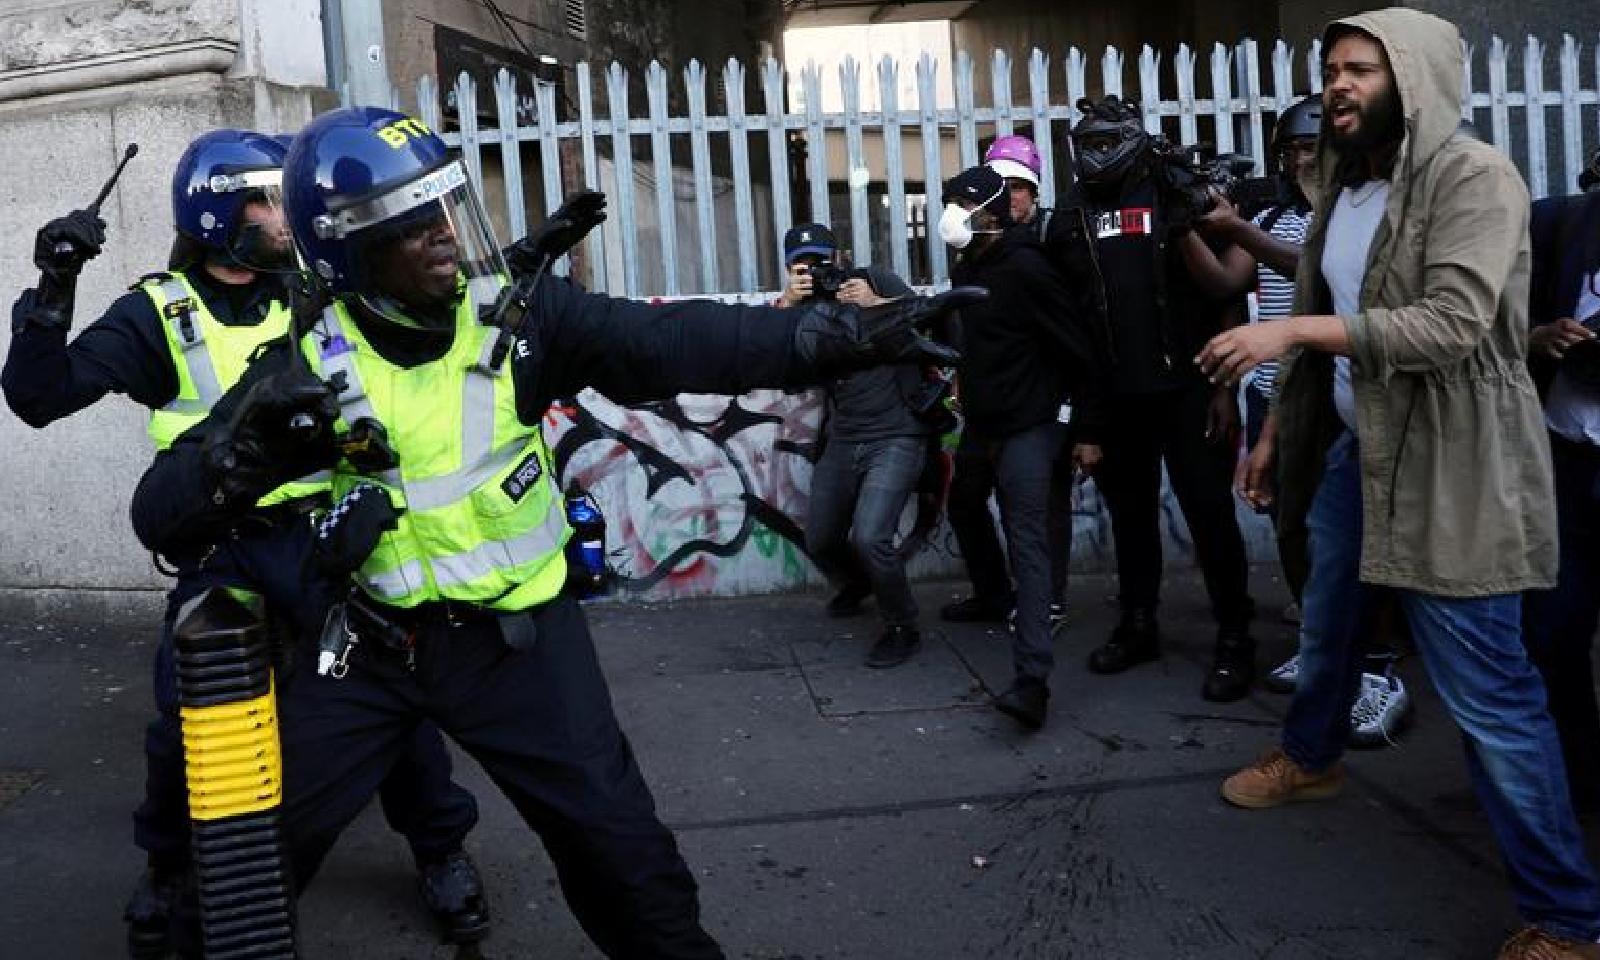 پولیس نے ریلی کے شرکا کے درمیان دیوار بنا کر تصادم سے روکنے کی کوشش کی—فوٹو:رائٹرز